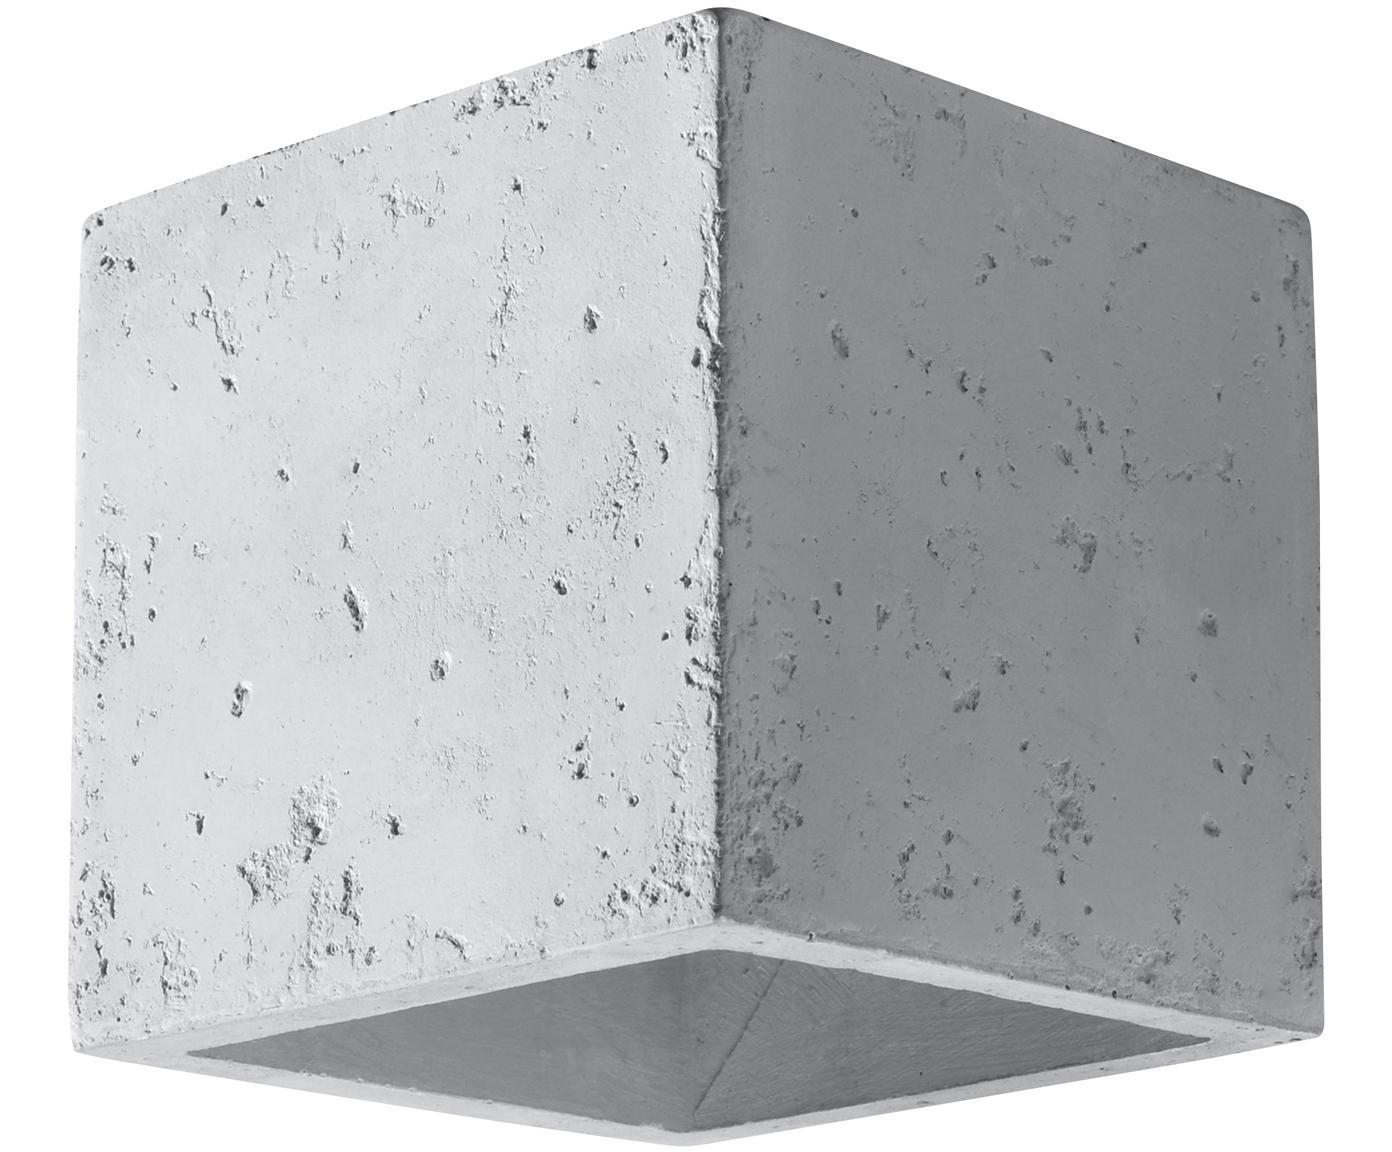 Wandlamp Geo, Beton, Gebroken wit, 10 x 12 cm